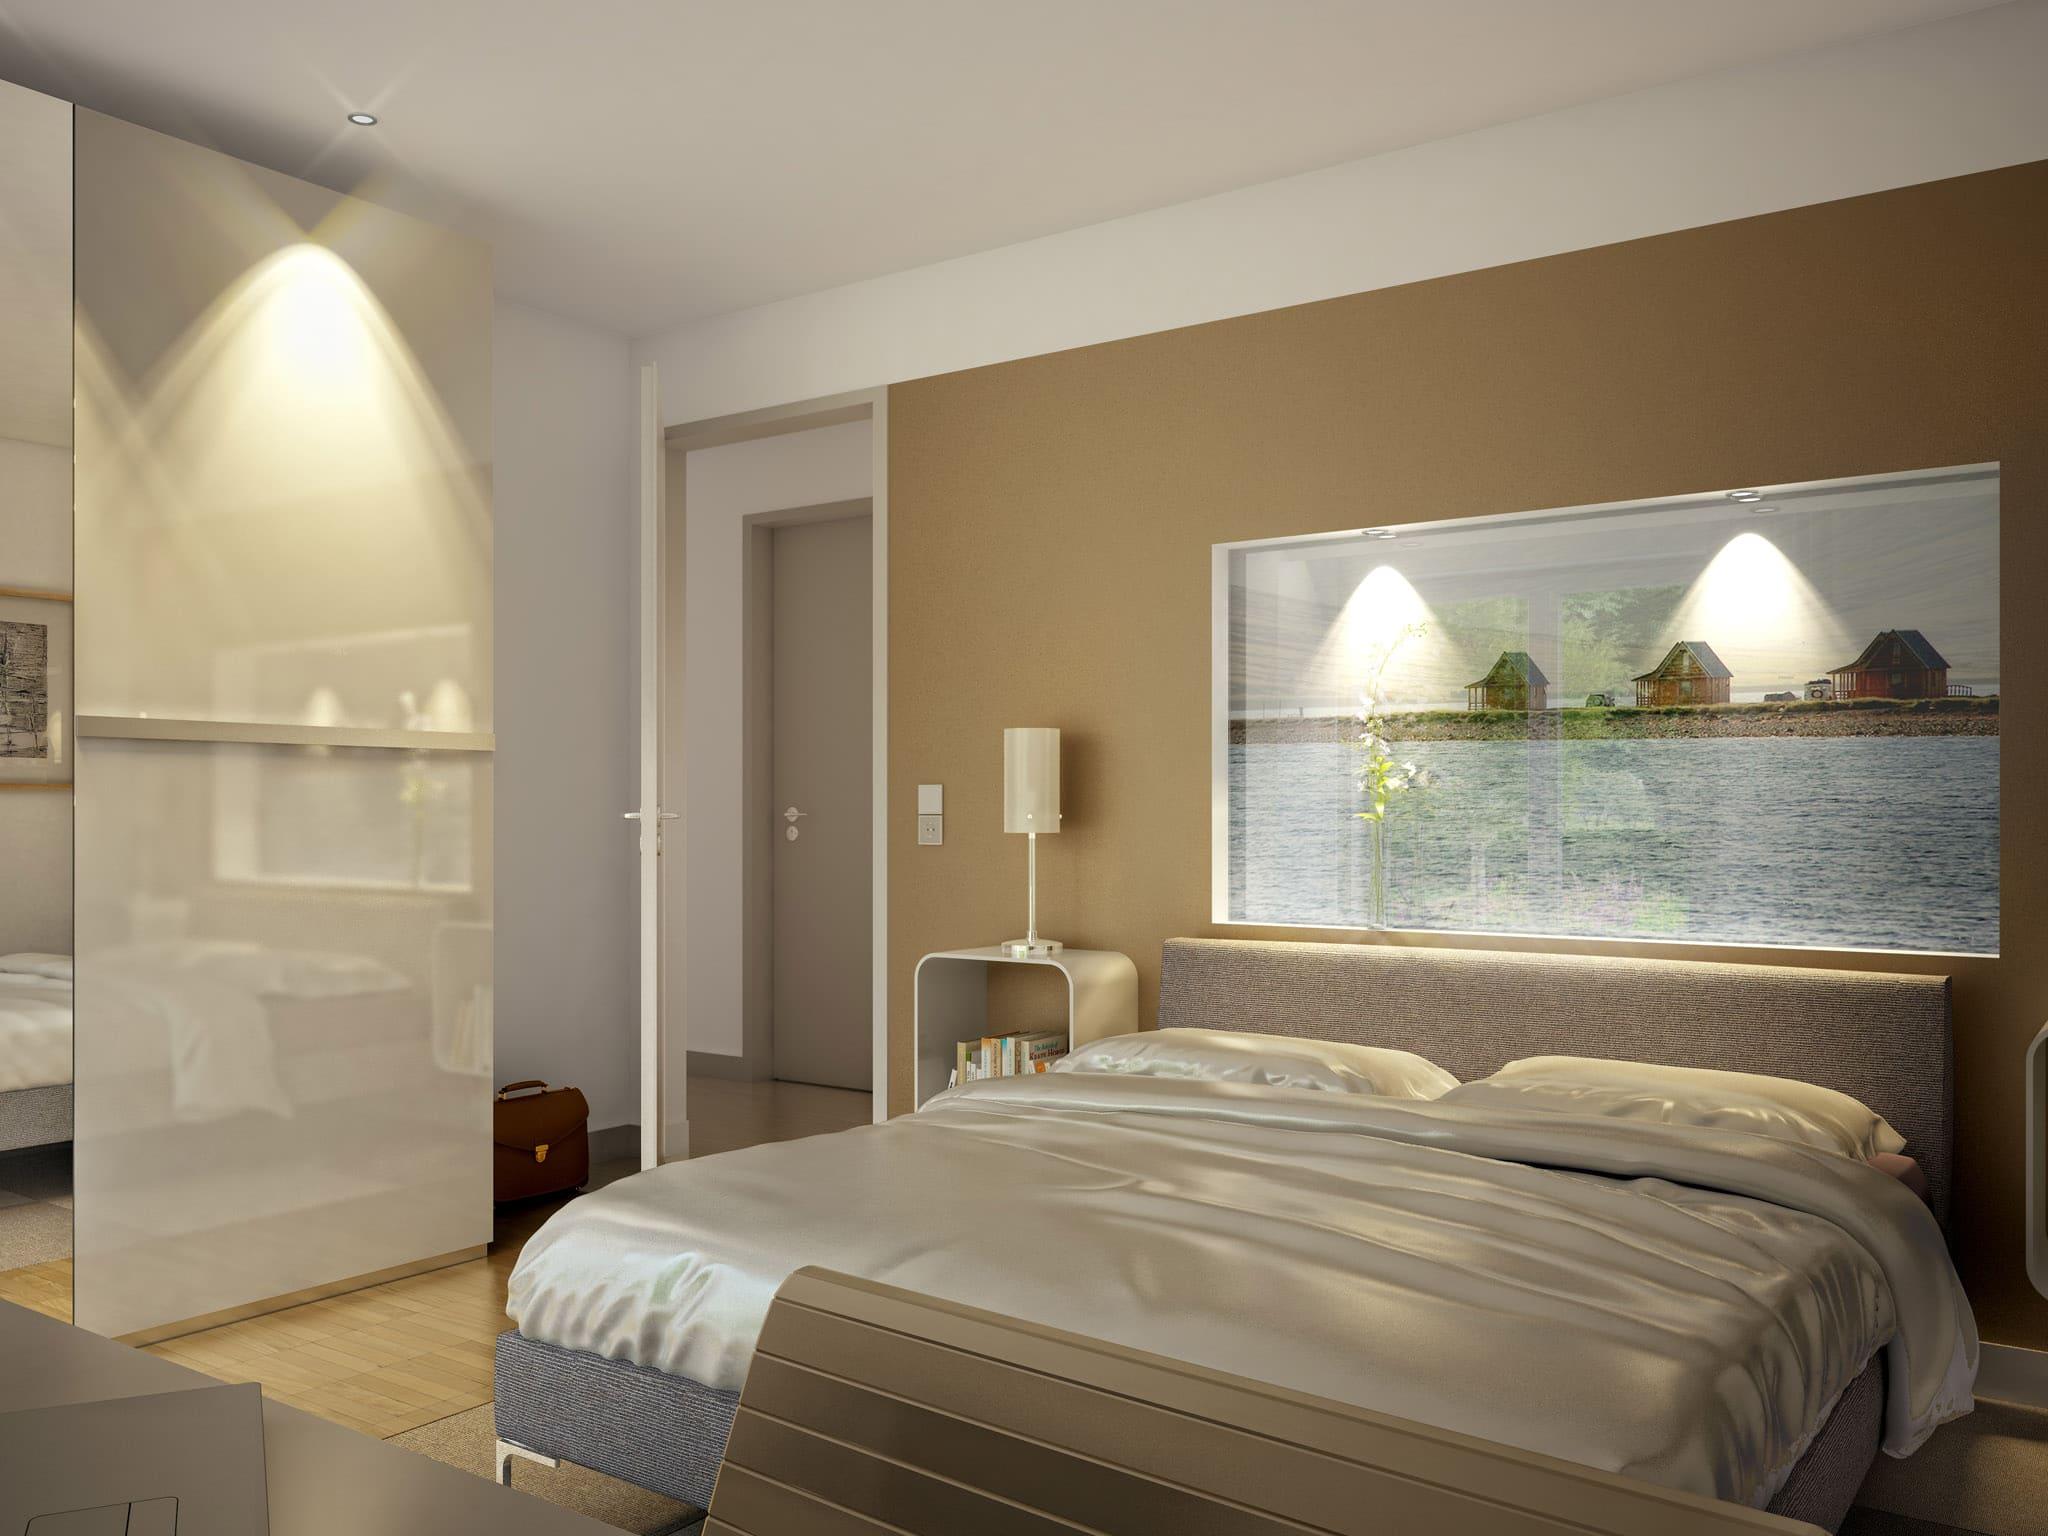 Schlafzimmer mit Wandfarbe beige - Ideen Inneneinrichtung Fertighaus Bungalow AMBIENCE 111 V4 von Bien Zenker - HausbauDirekt.de